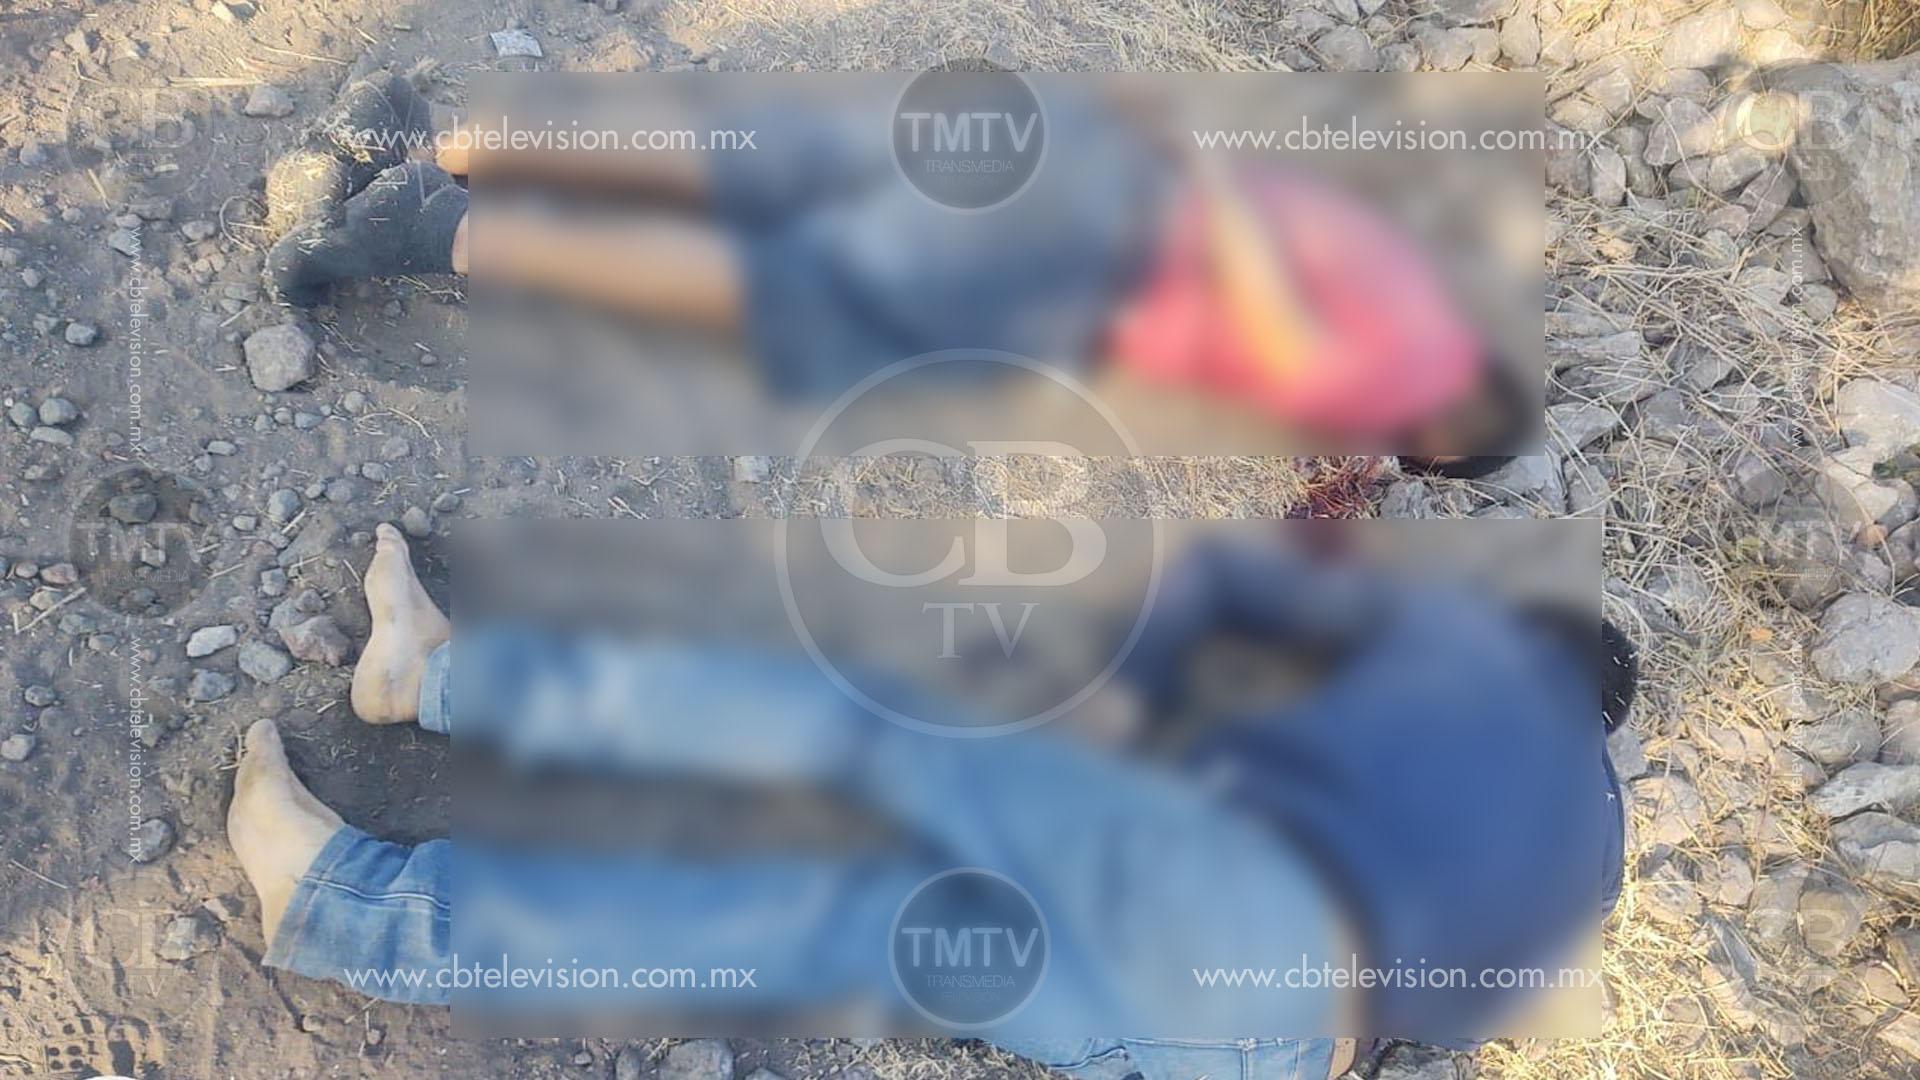 Matan a dos tiradores y los abandonan en Sixto Verduzco